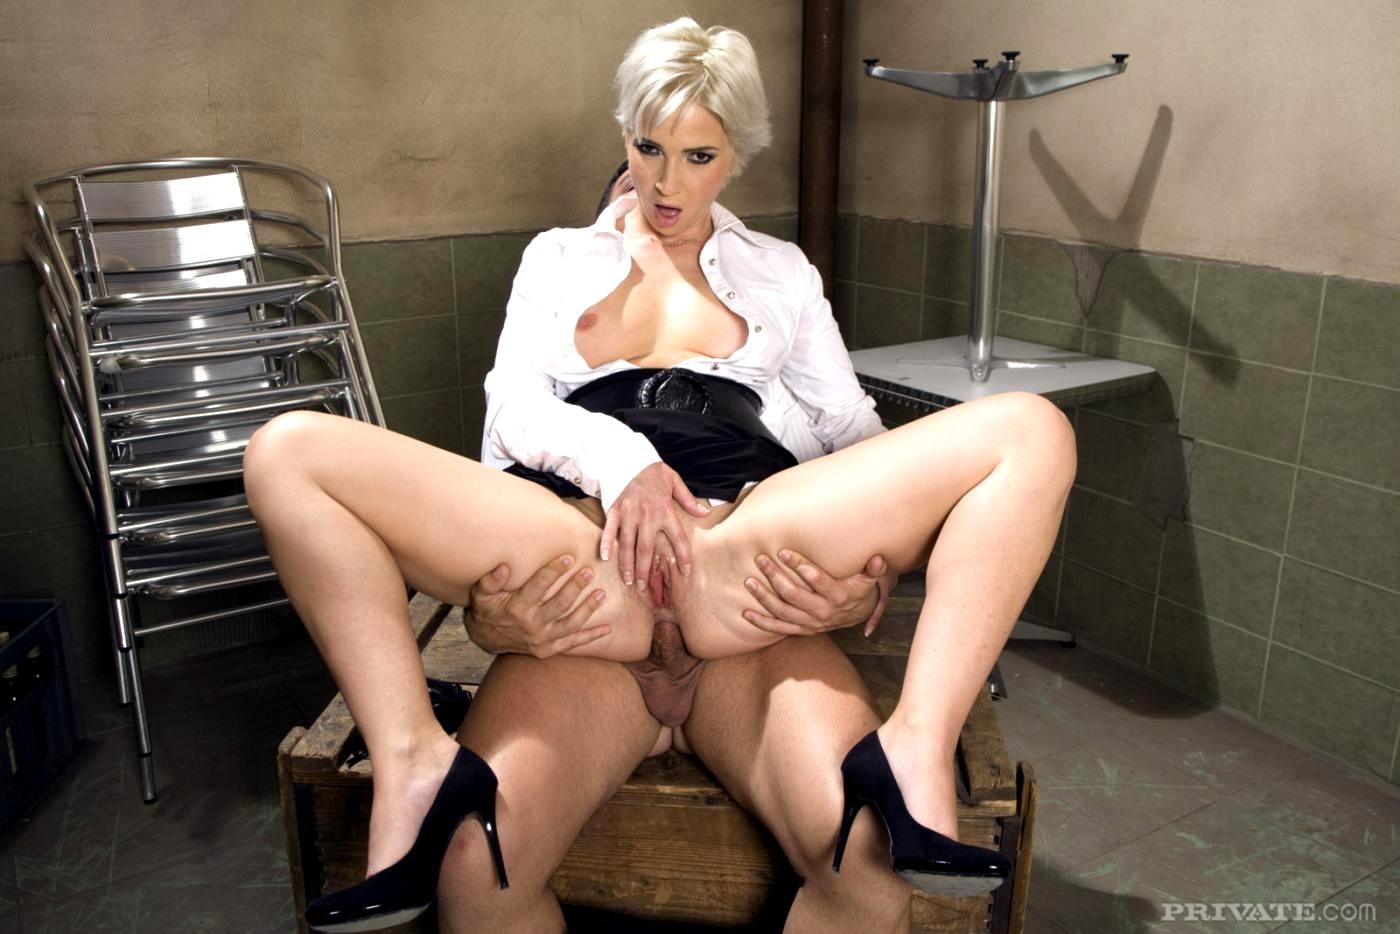 Секс в мини юбке медсестра, Порно в юбке - Секс в юбке с молодыми и сексуальными 26 фотография